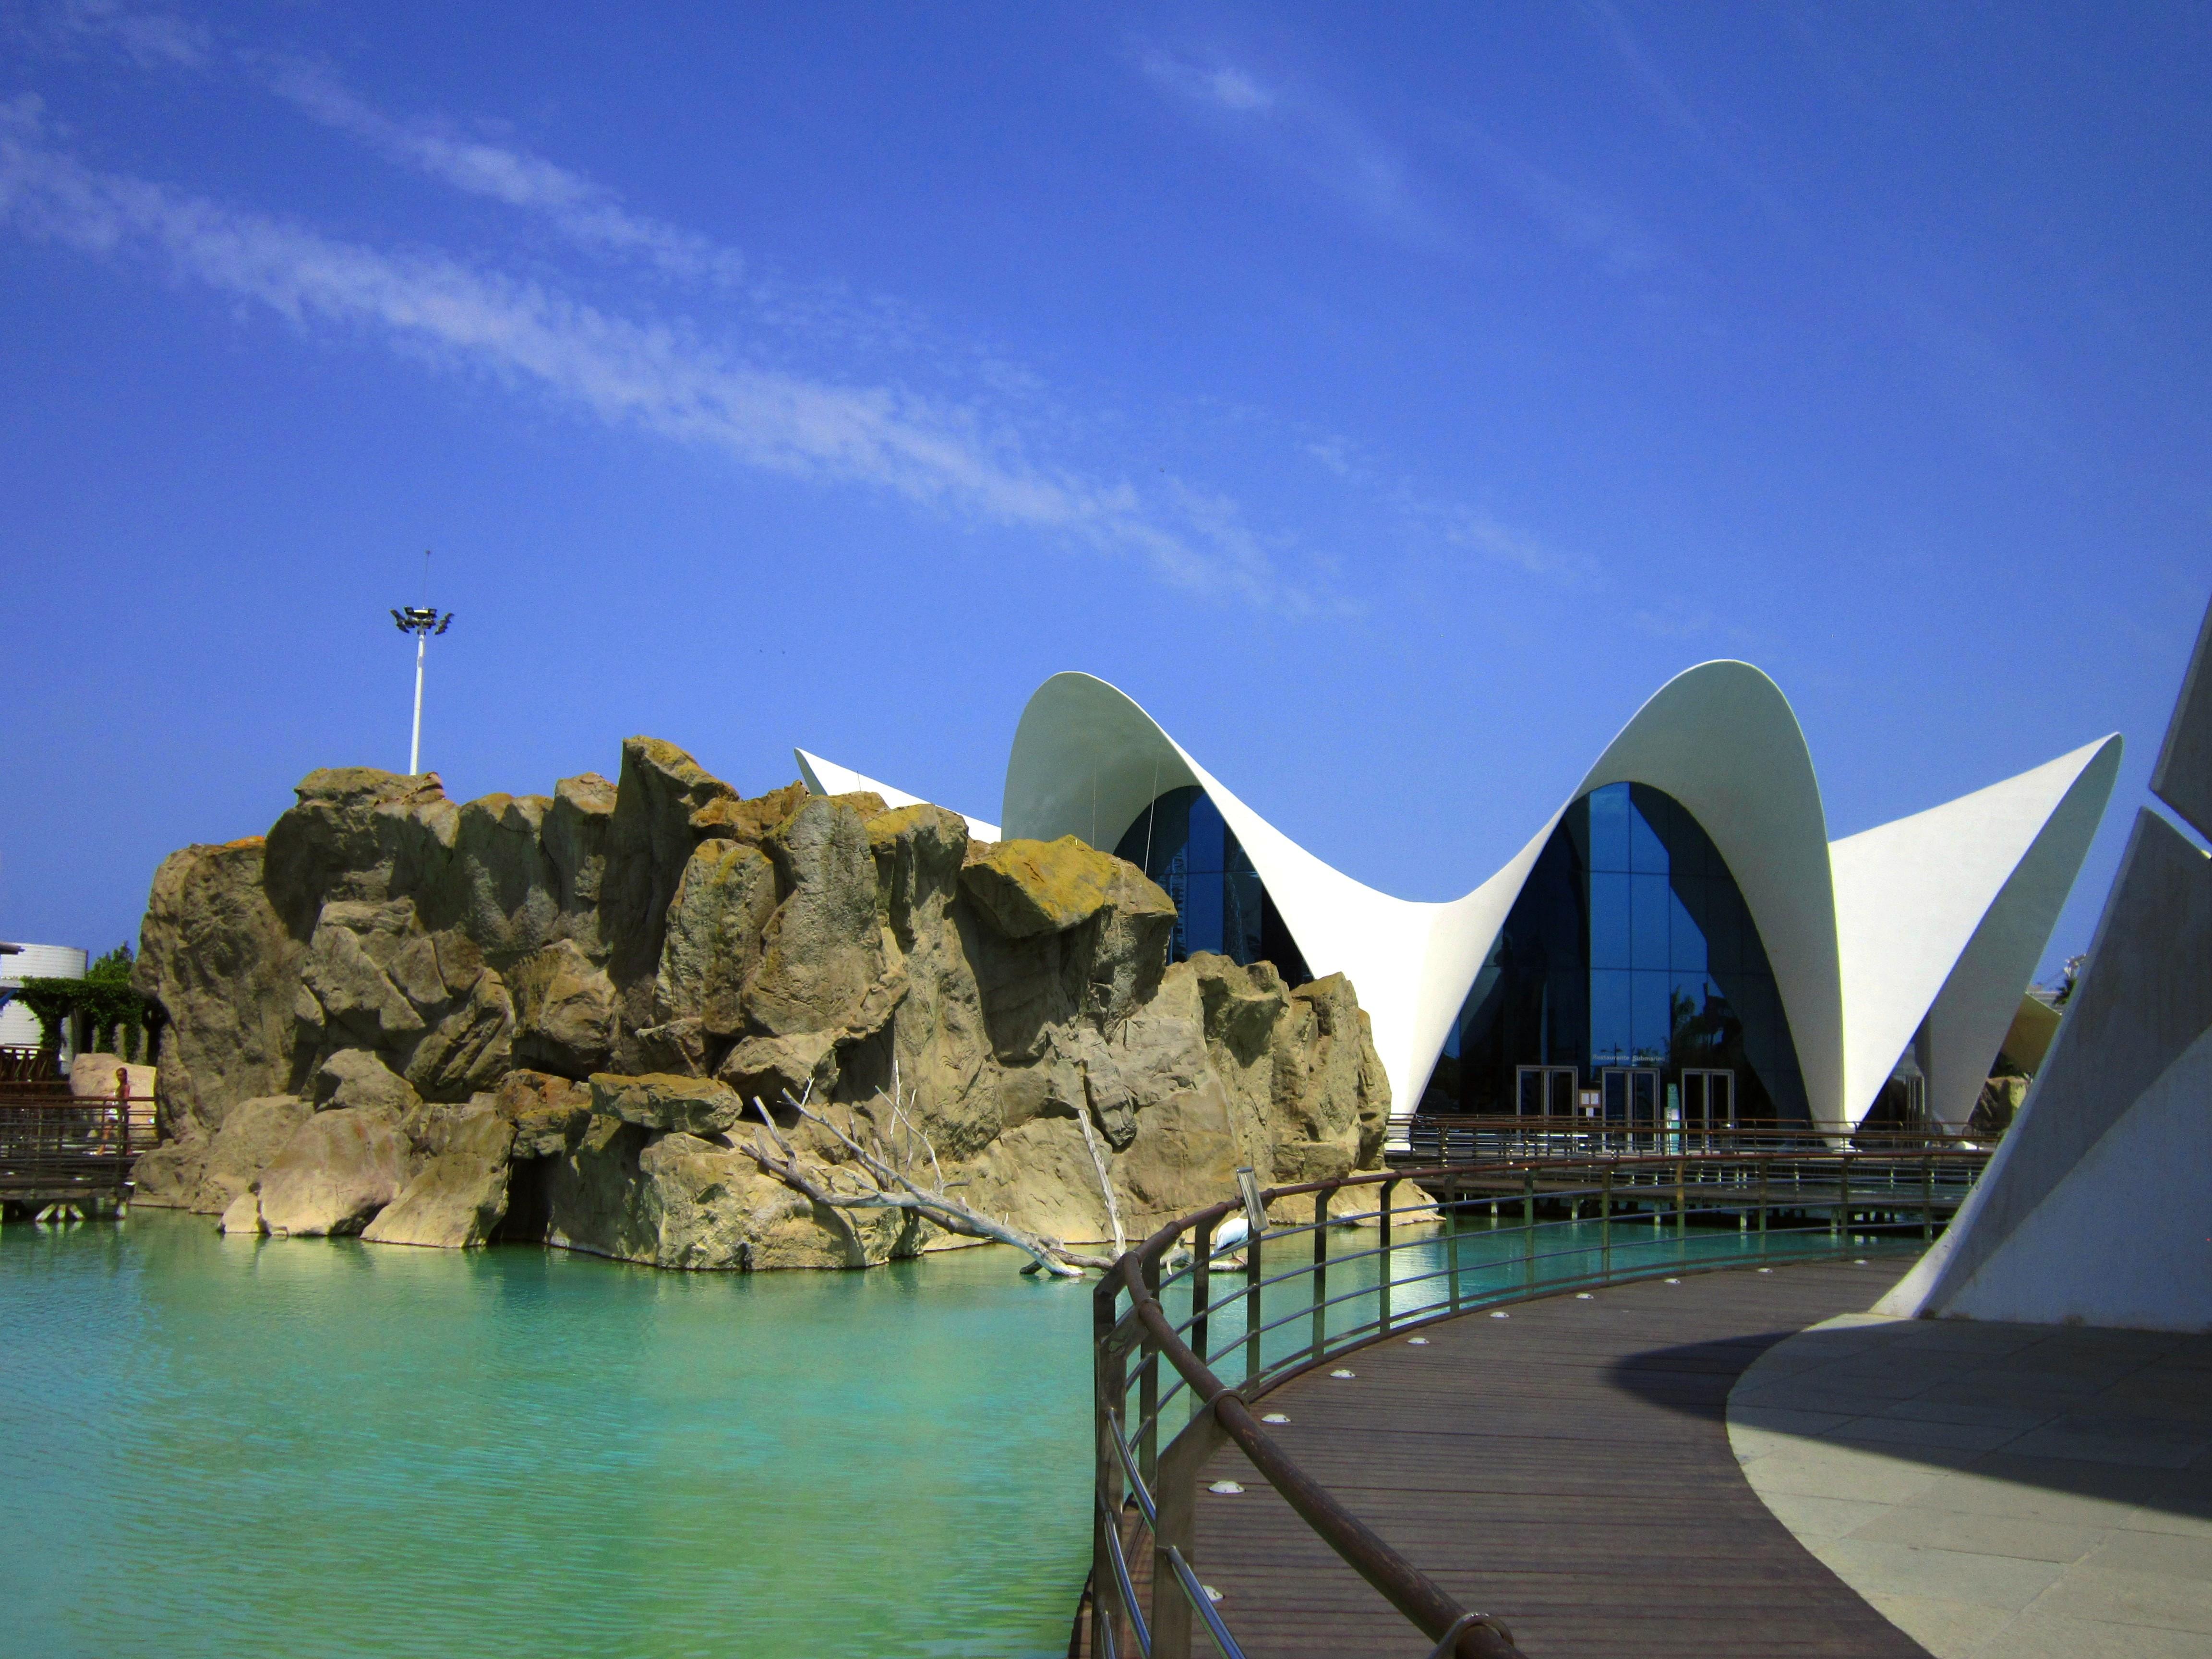 Океанариум - составная часть Города Наук и Искусств